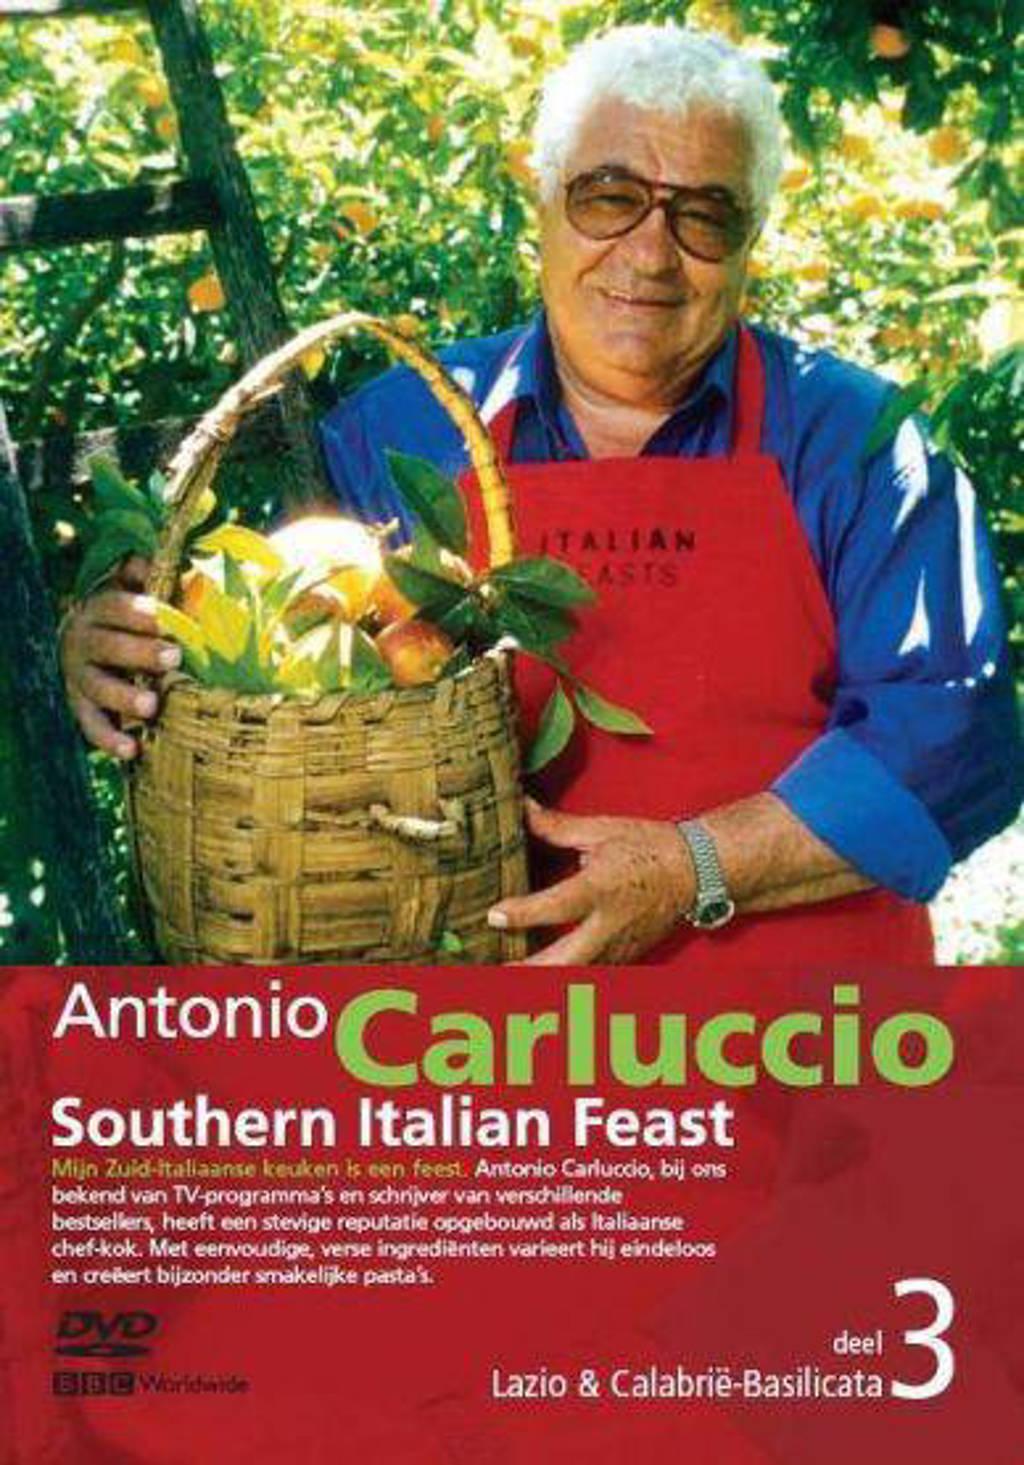 Antonio Carluccio southern Italian feast 3-Lazio & Calabrië-Basilicata  (DVD)